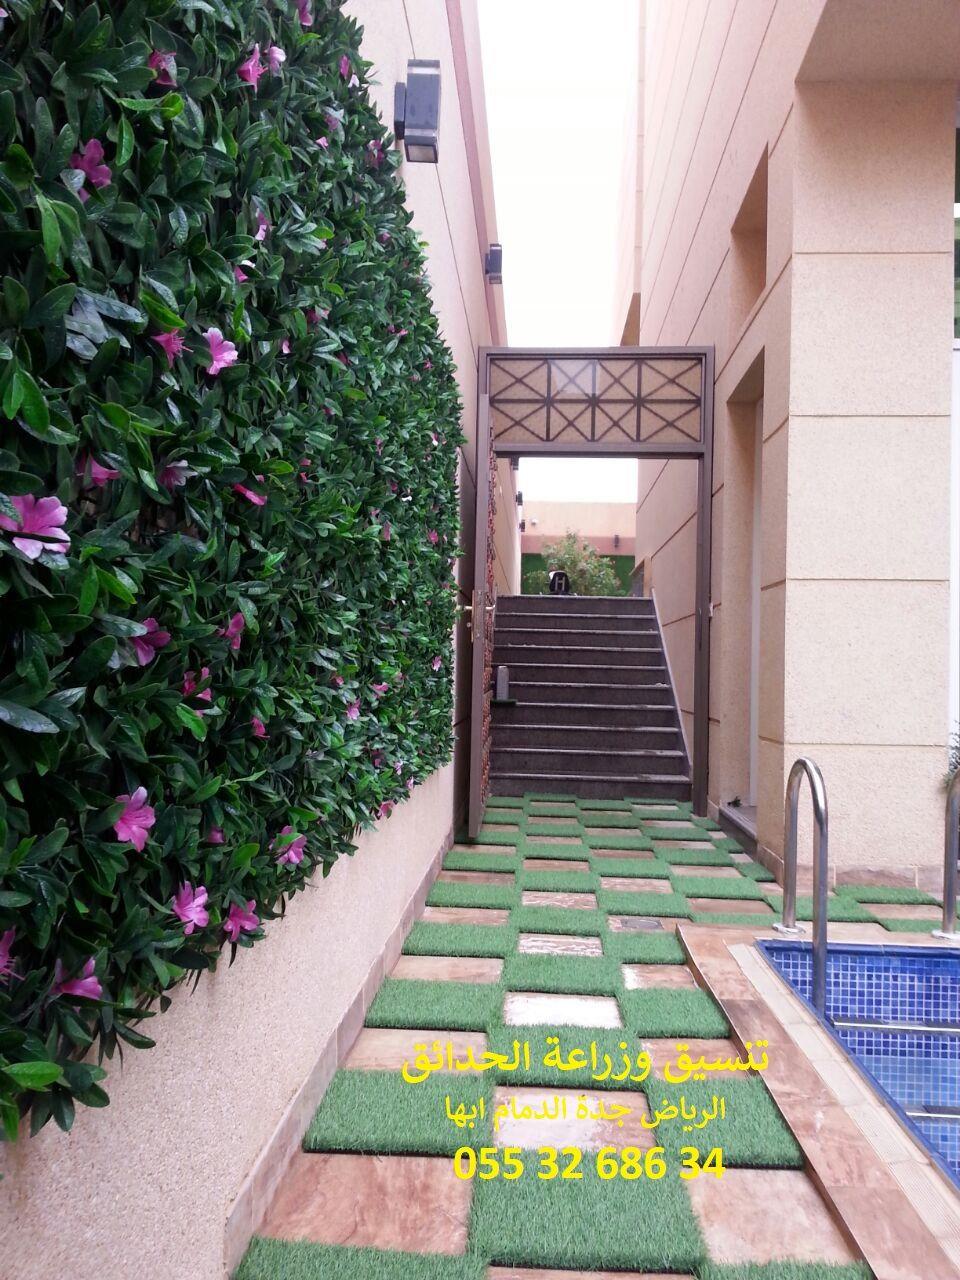 تزيين حدائق بالرياض تزيين حدائق منزلية حديقة المنزل حديقة المنزل الصغيرة تزيين حديقة المنزل بالصور Backyard Garden Places To Visit